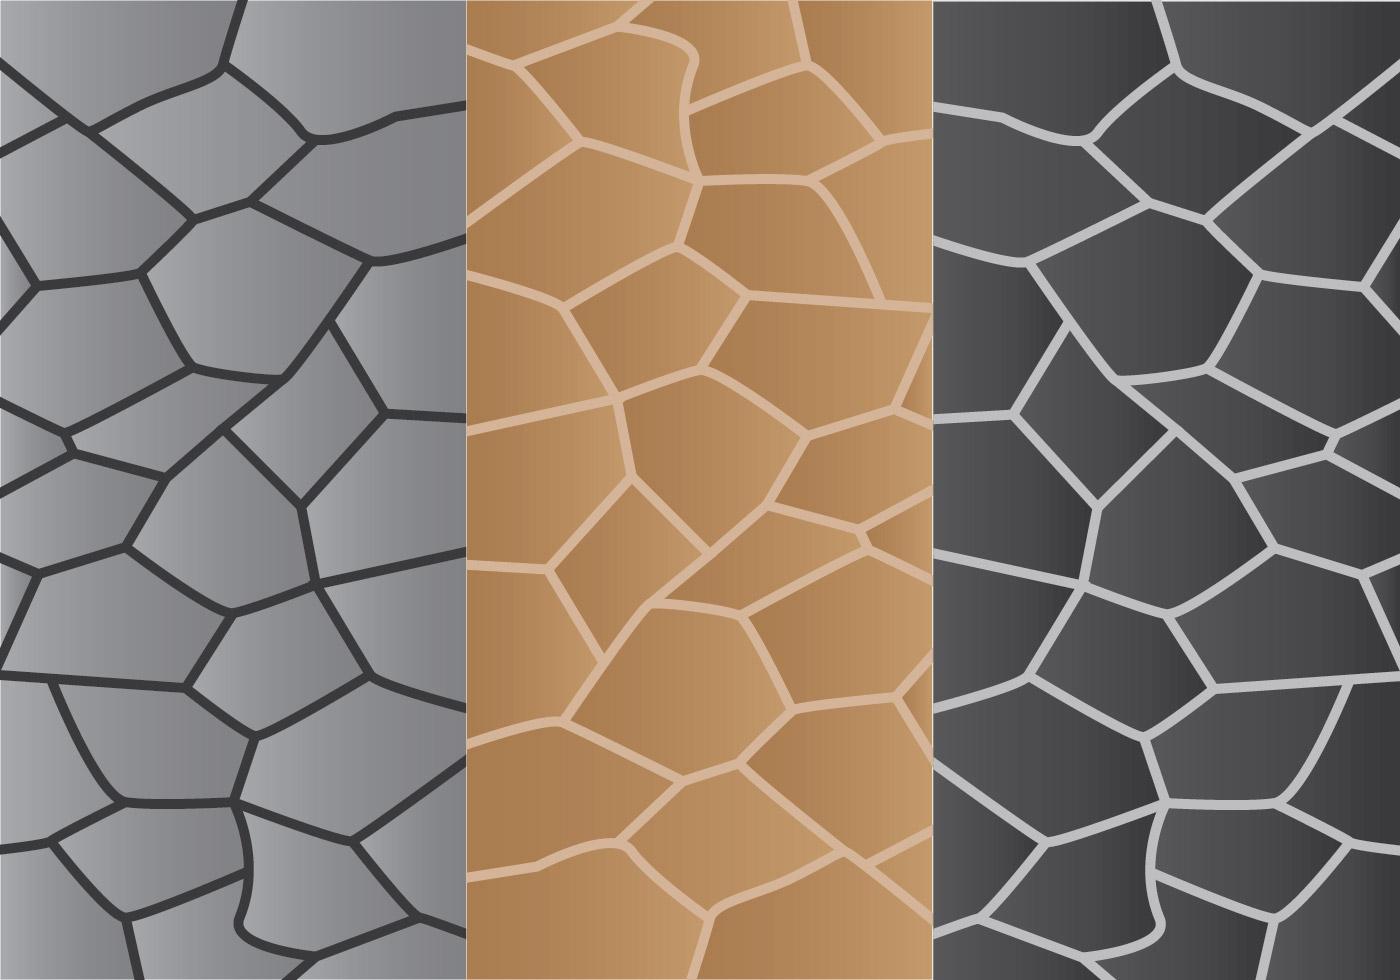 Stone Texture For Elevation : Padrões de caminho pedra download vetores e